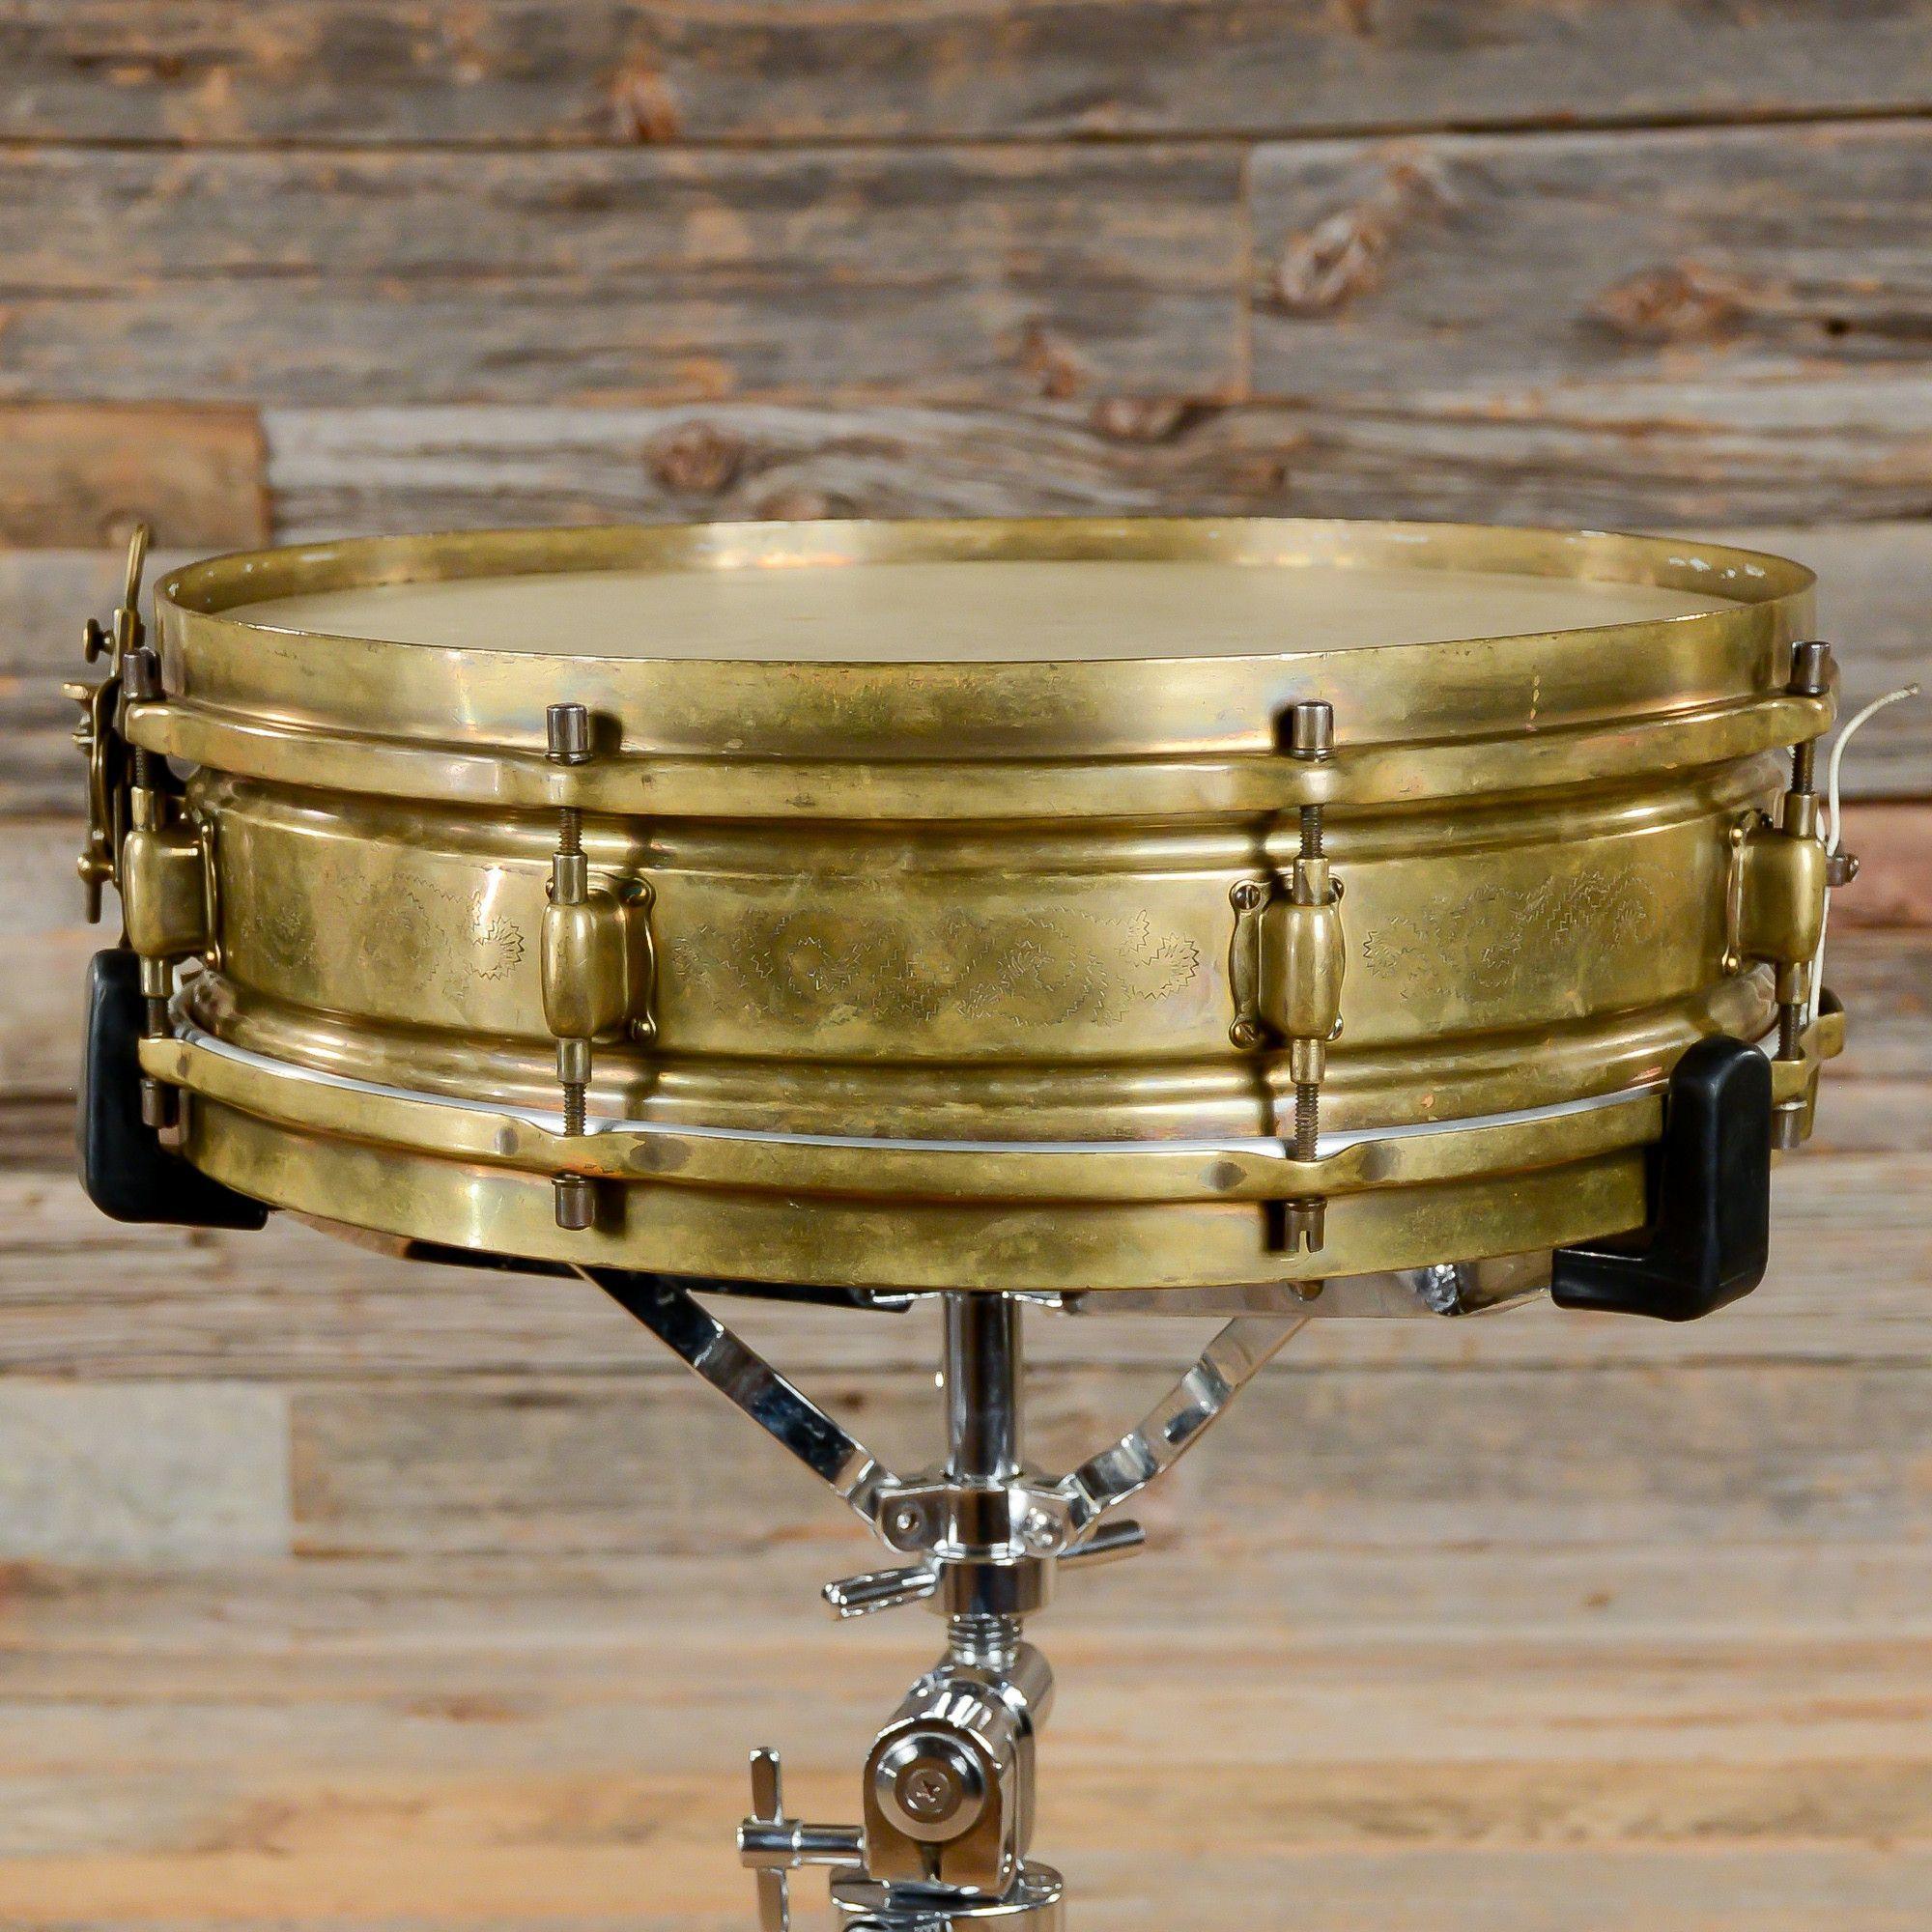 Leedy 4x14 Black Elite Snare Drum 30s